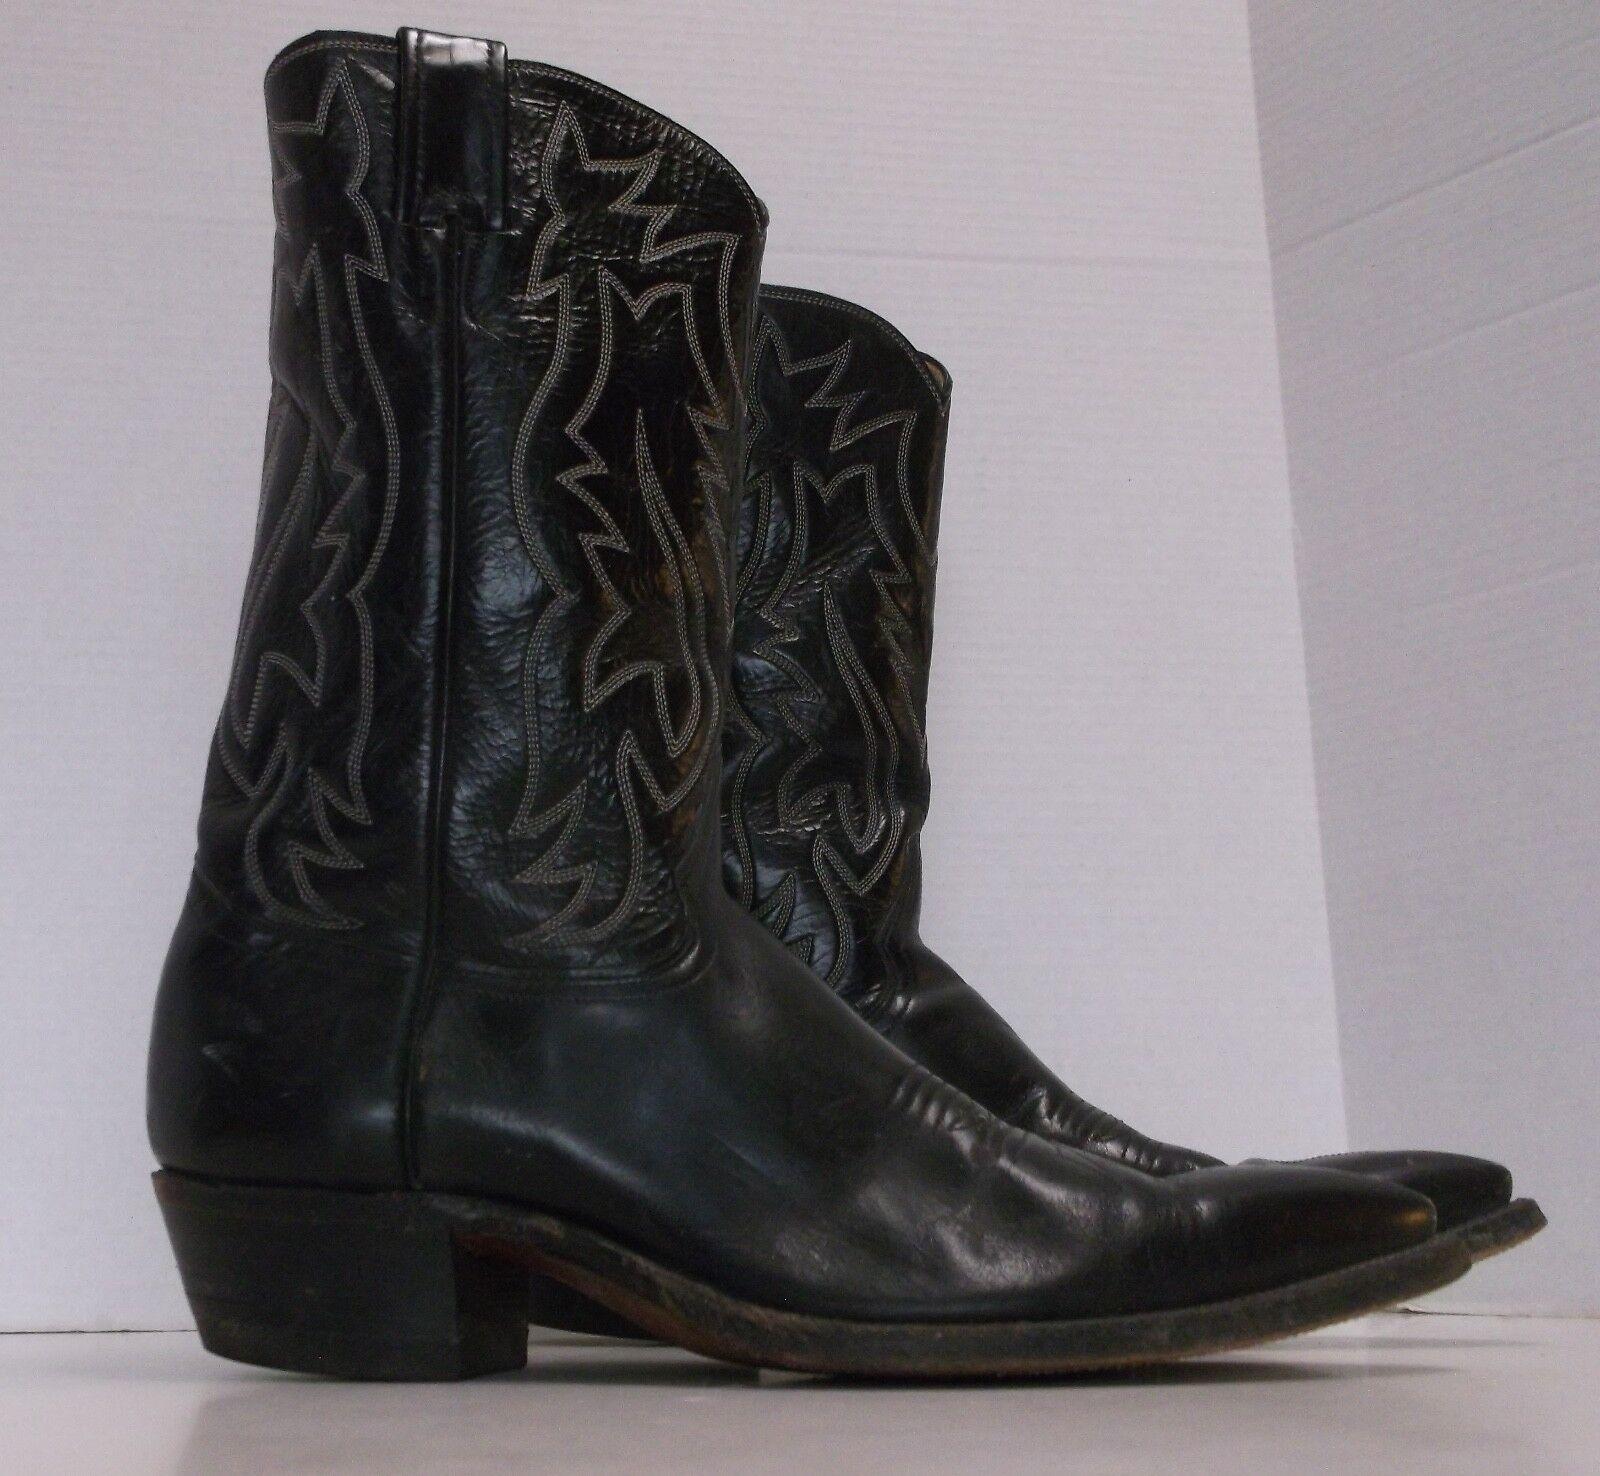 Uomini e 'justin torna in cuoio cowboy stile ranch occidentale stivali 2916, 10.5b, stati uniti fatto